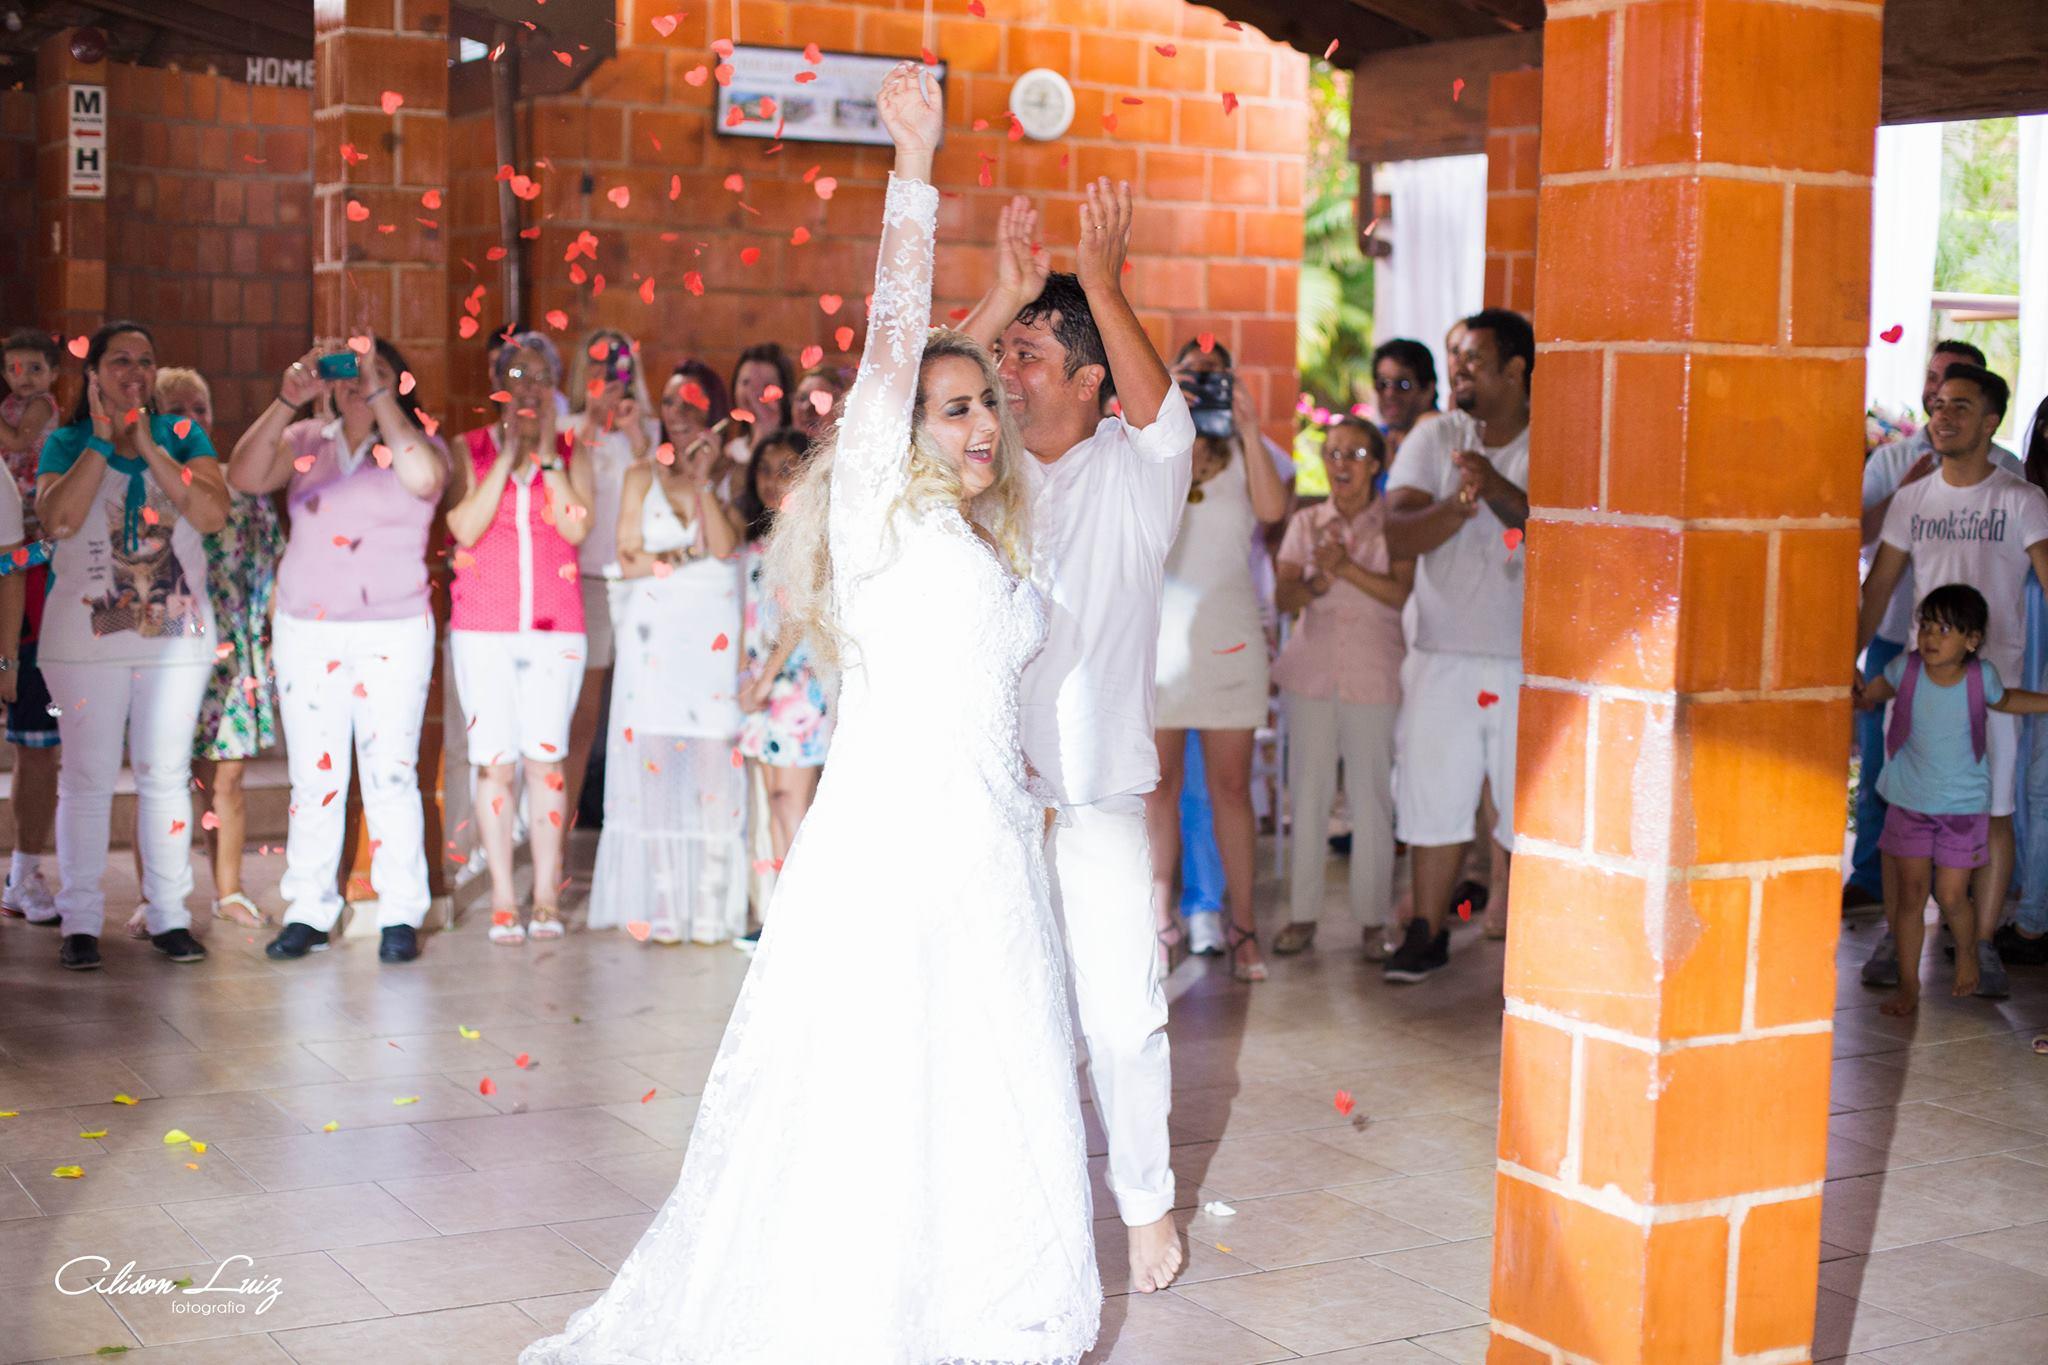 Fotógrafo evangélico registra casamento umbandista e faz lindo relato do que viu 21